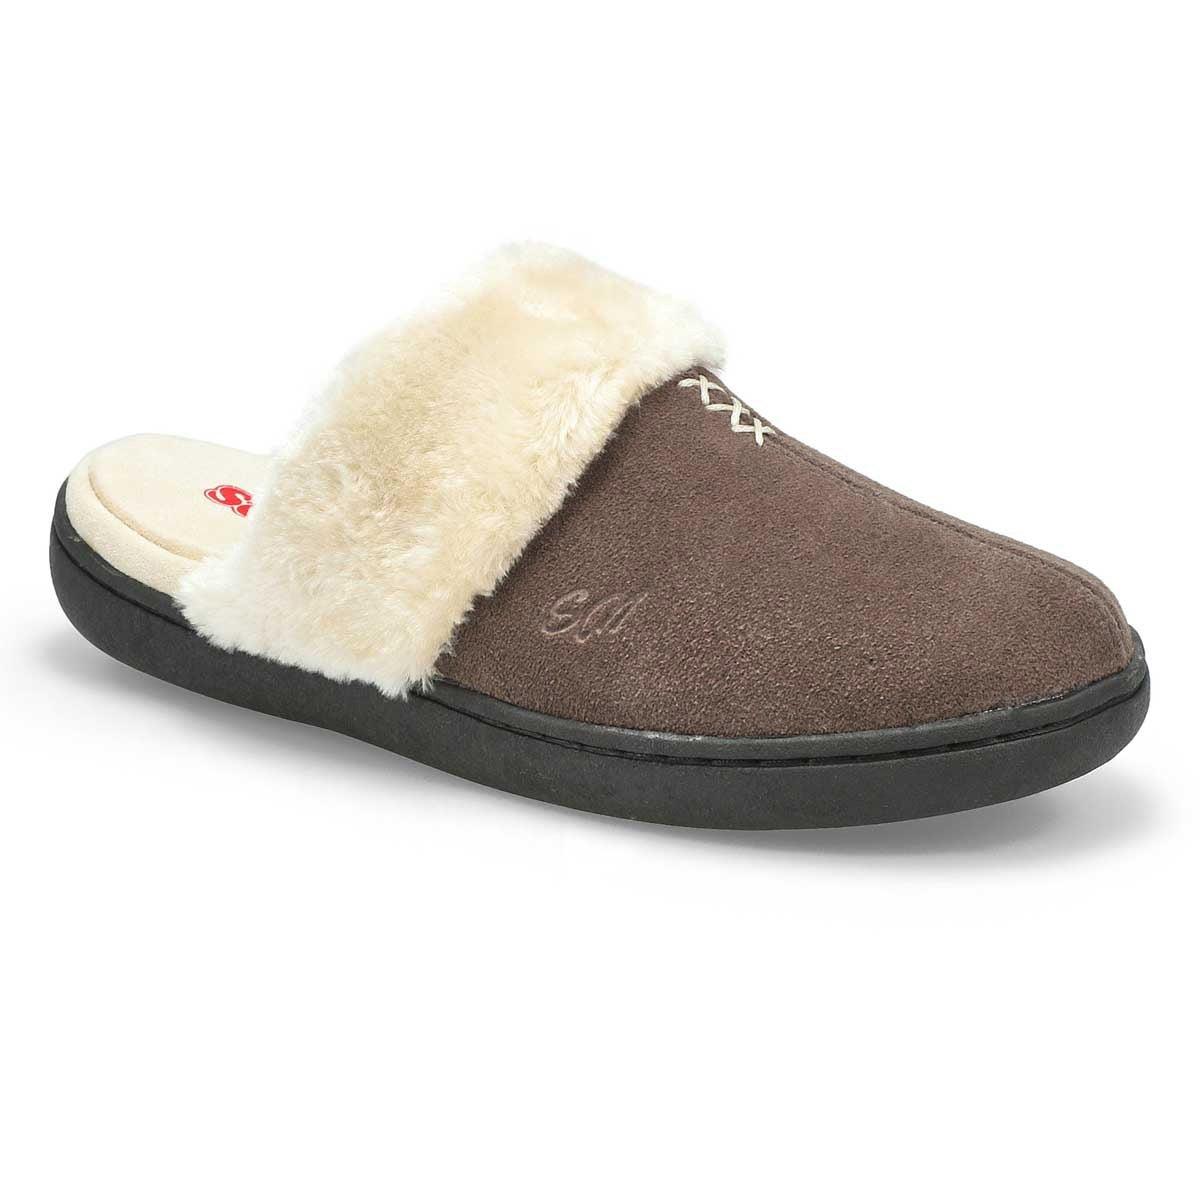 Lds Pauline grey open back slipper